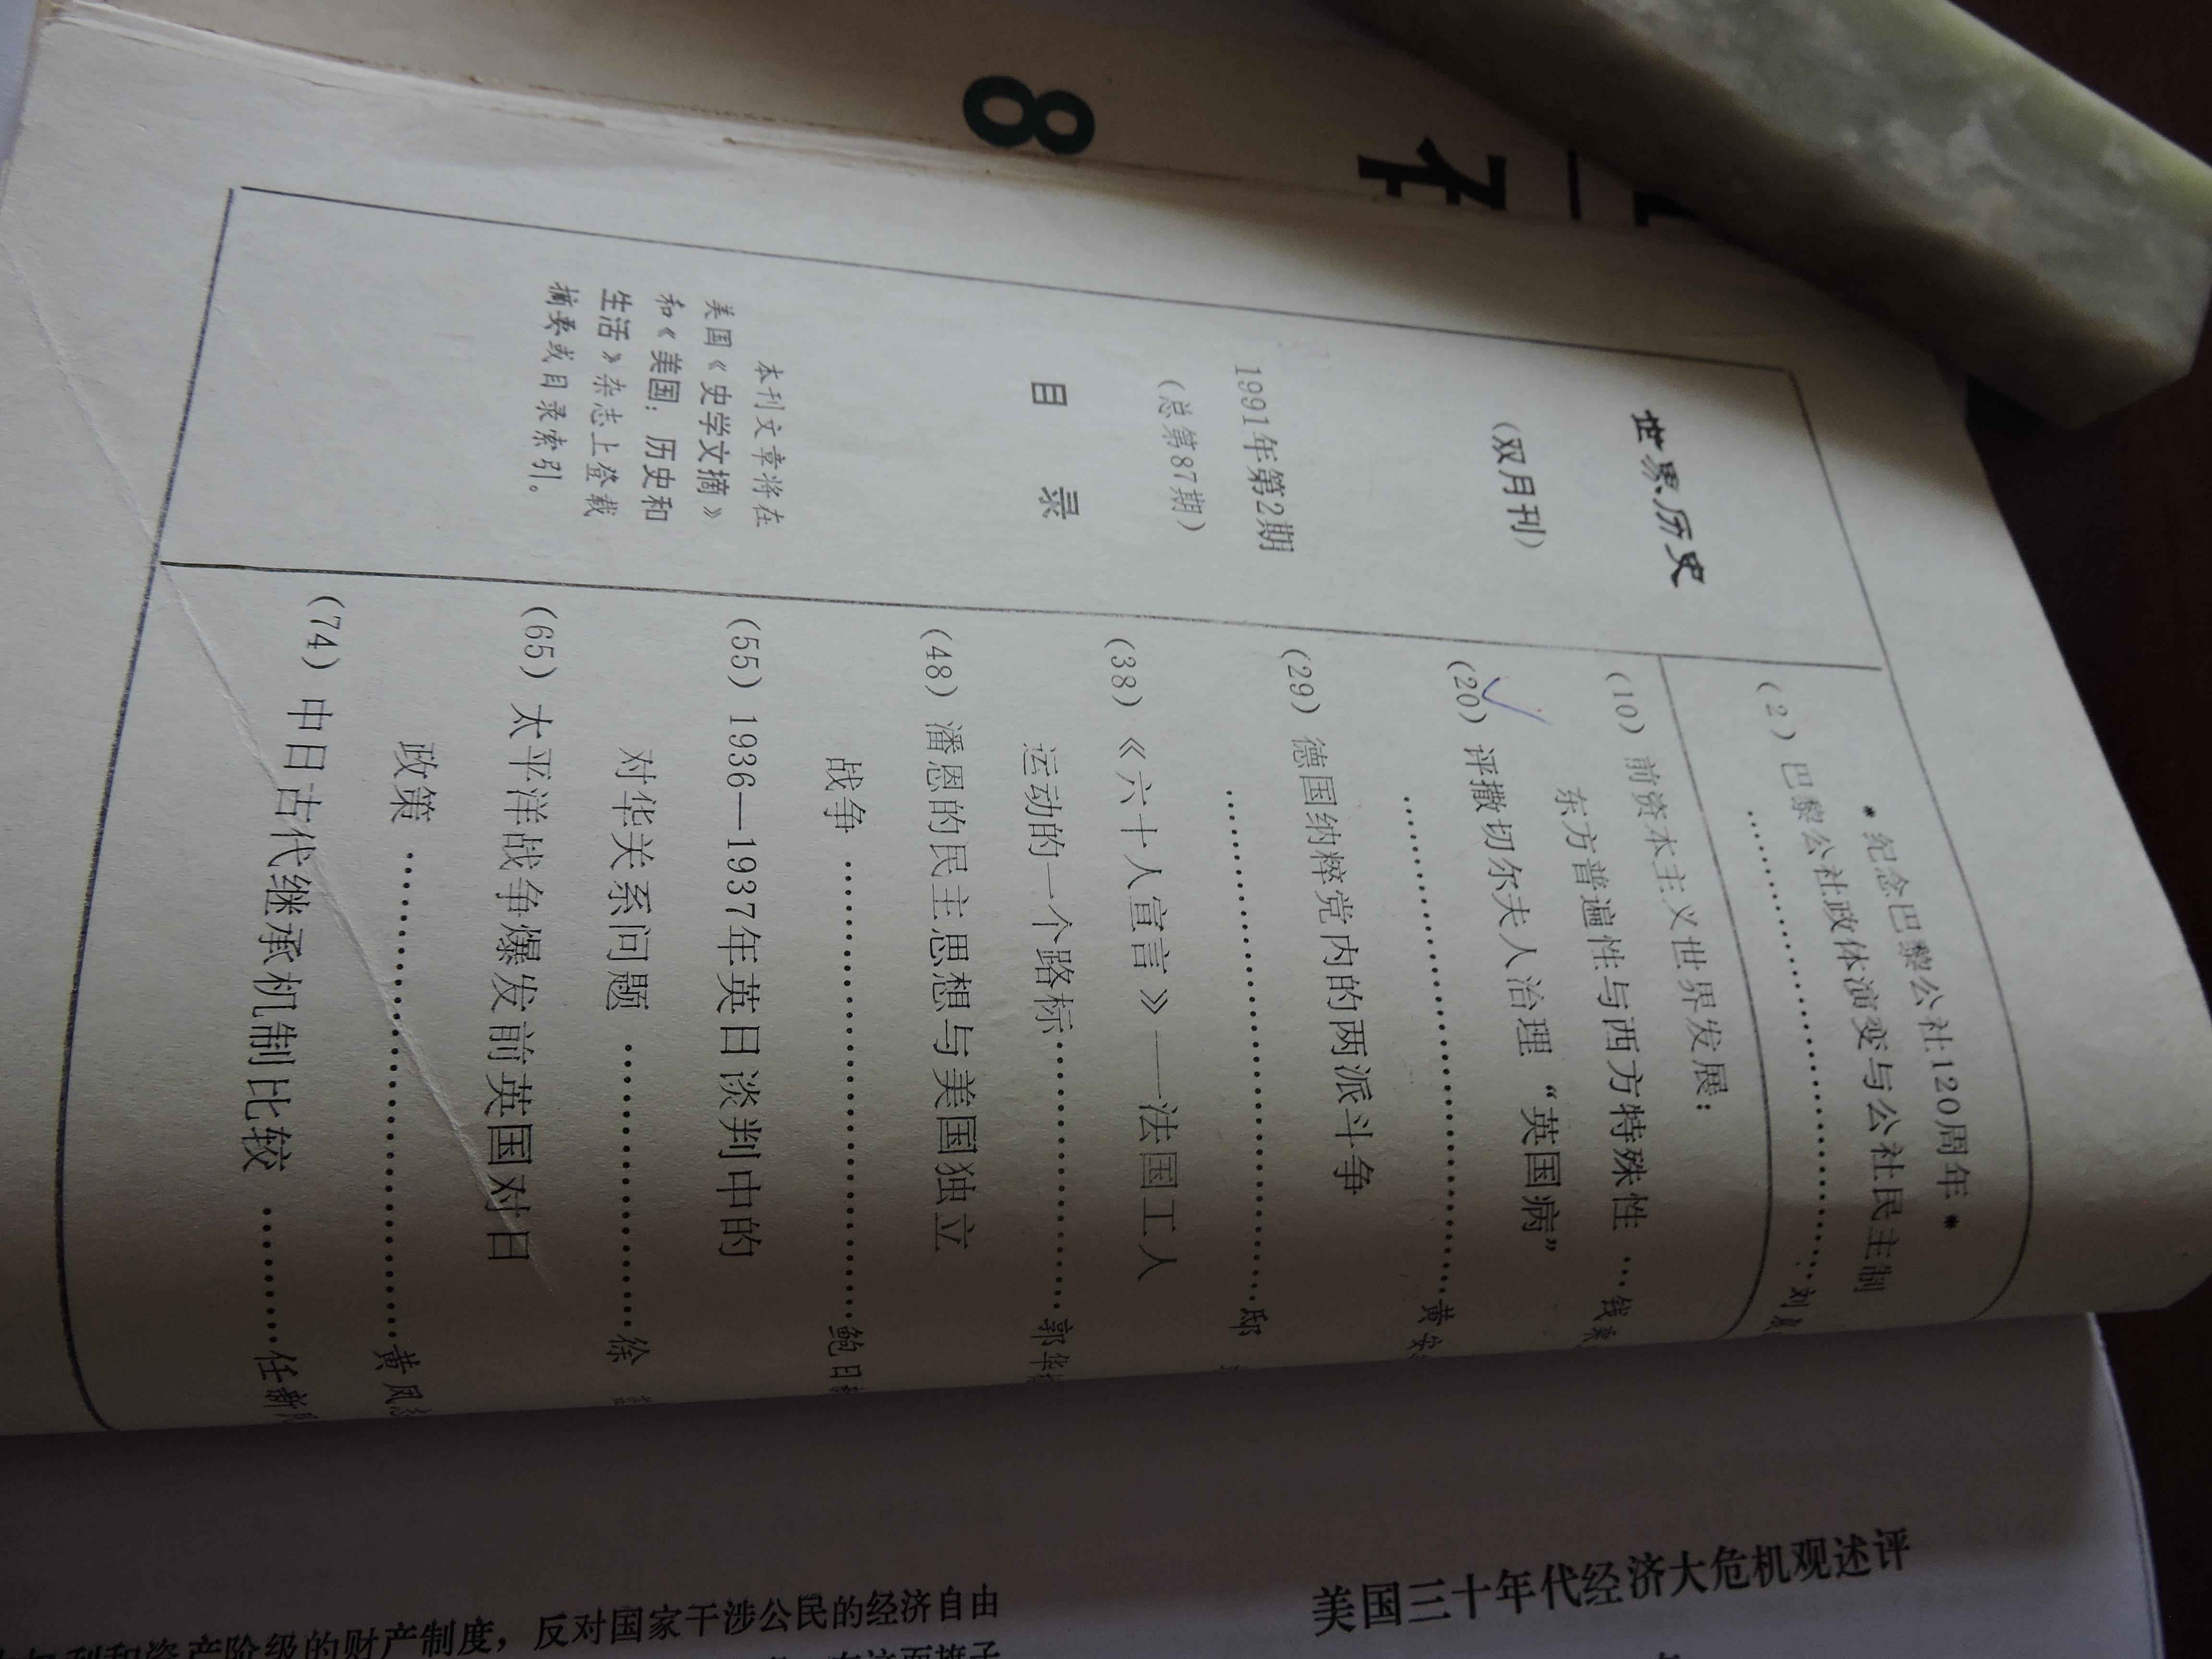 DSCN7818.JPG